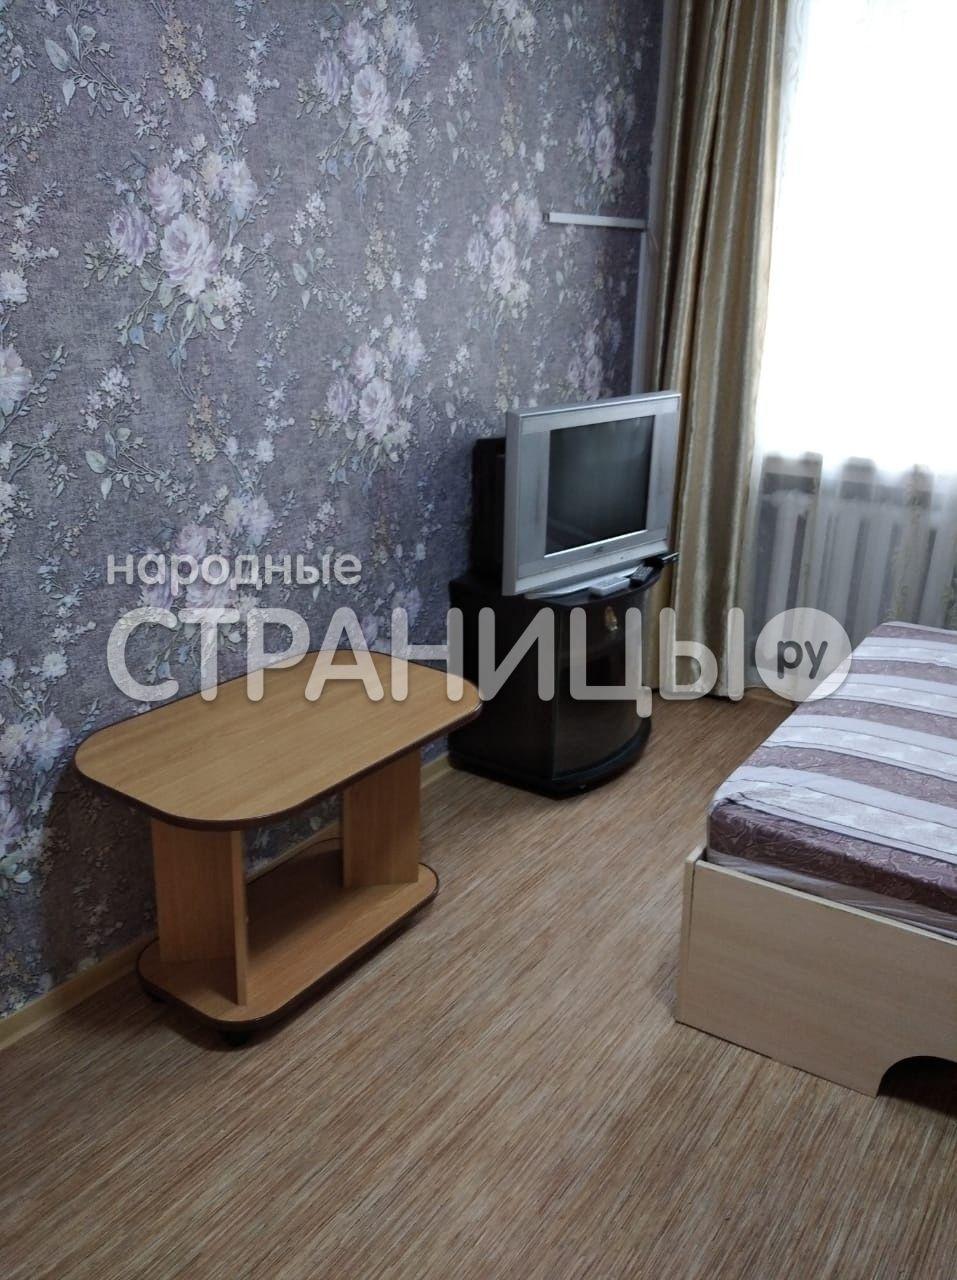 1-комнатная квартира, 27.6 м²,  1/9 эт. Кирпичный дом